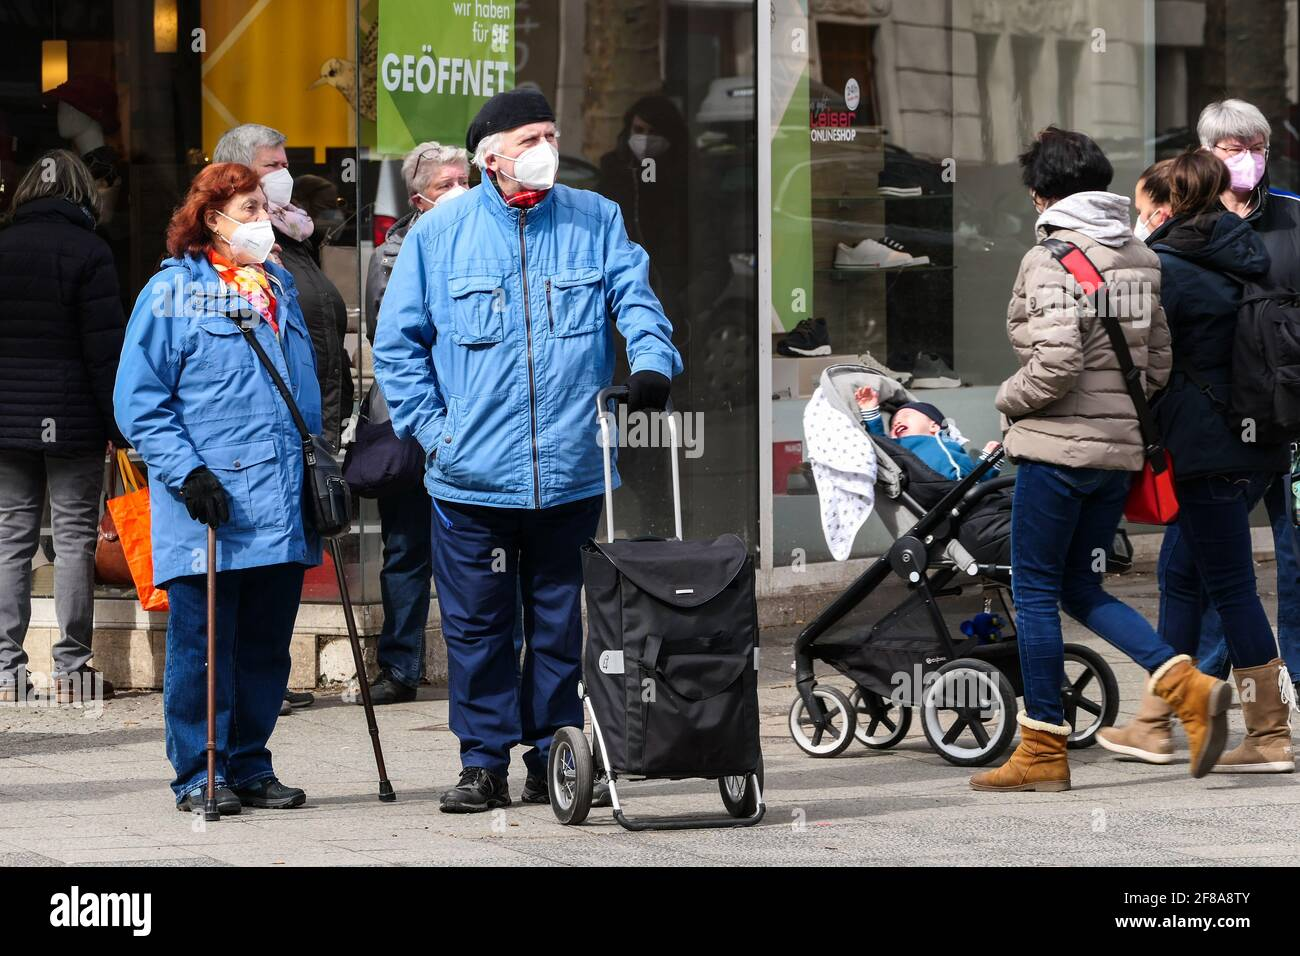 Berlín, Alemania. 12th de Abr de 2021. Las personas que usan máscaras faciales se ven en Berlín, capital de Alemania, el 12 de abril de 2021. Más de tres millones de infecciones por COVID-19 se han registrado en Alemania el lunes desde el brote de la pandemia, según el Instituto Robert Koch (RKI). Crédito: Stefan Zeitz/Xinhua/Alamy Live News Foto de stock